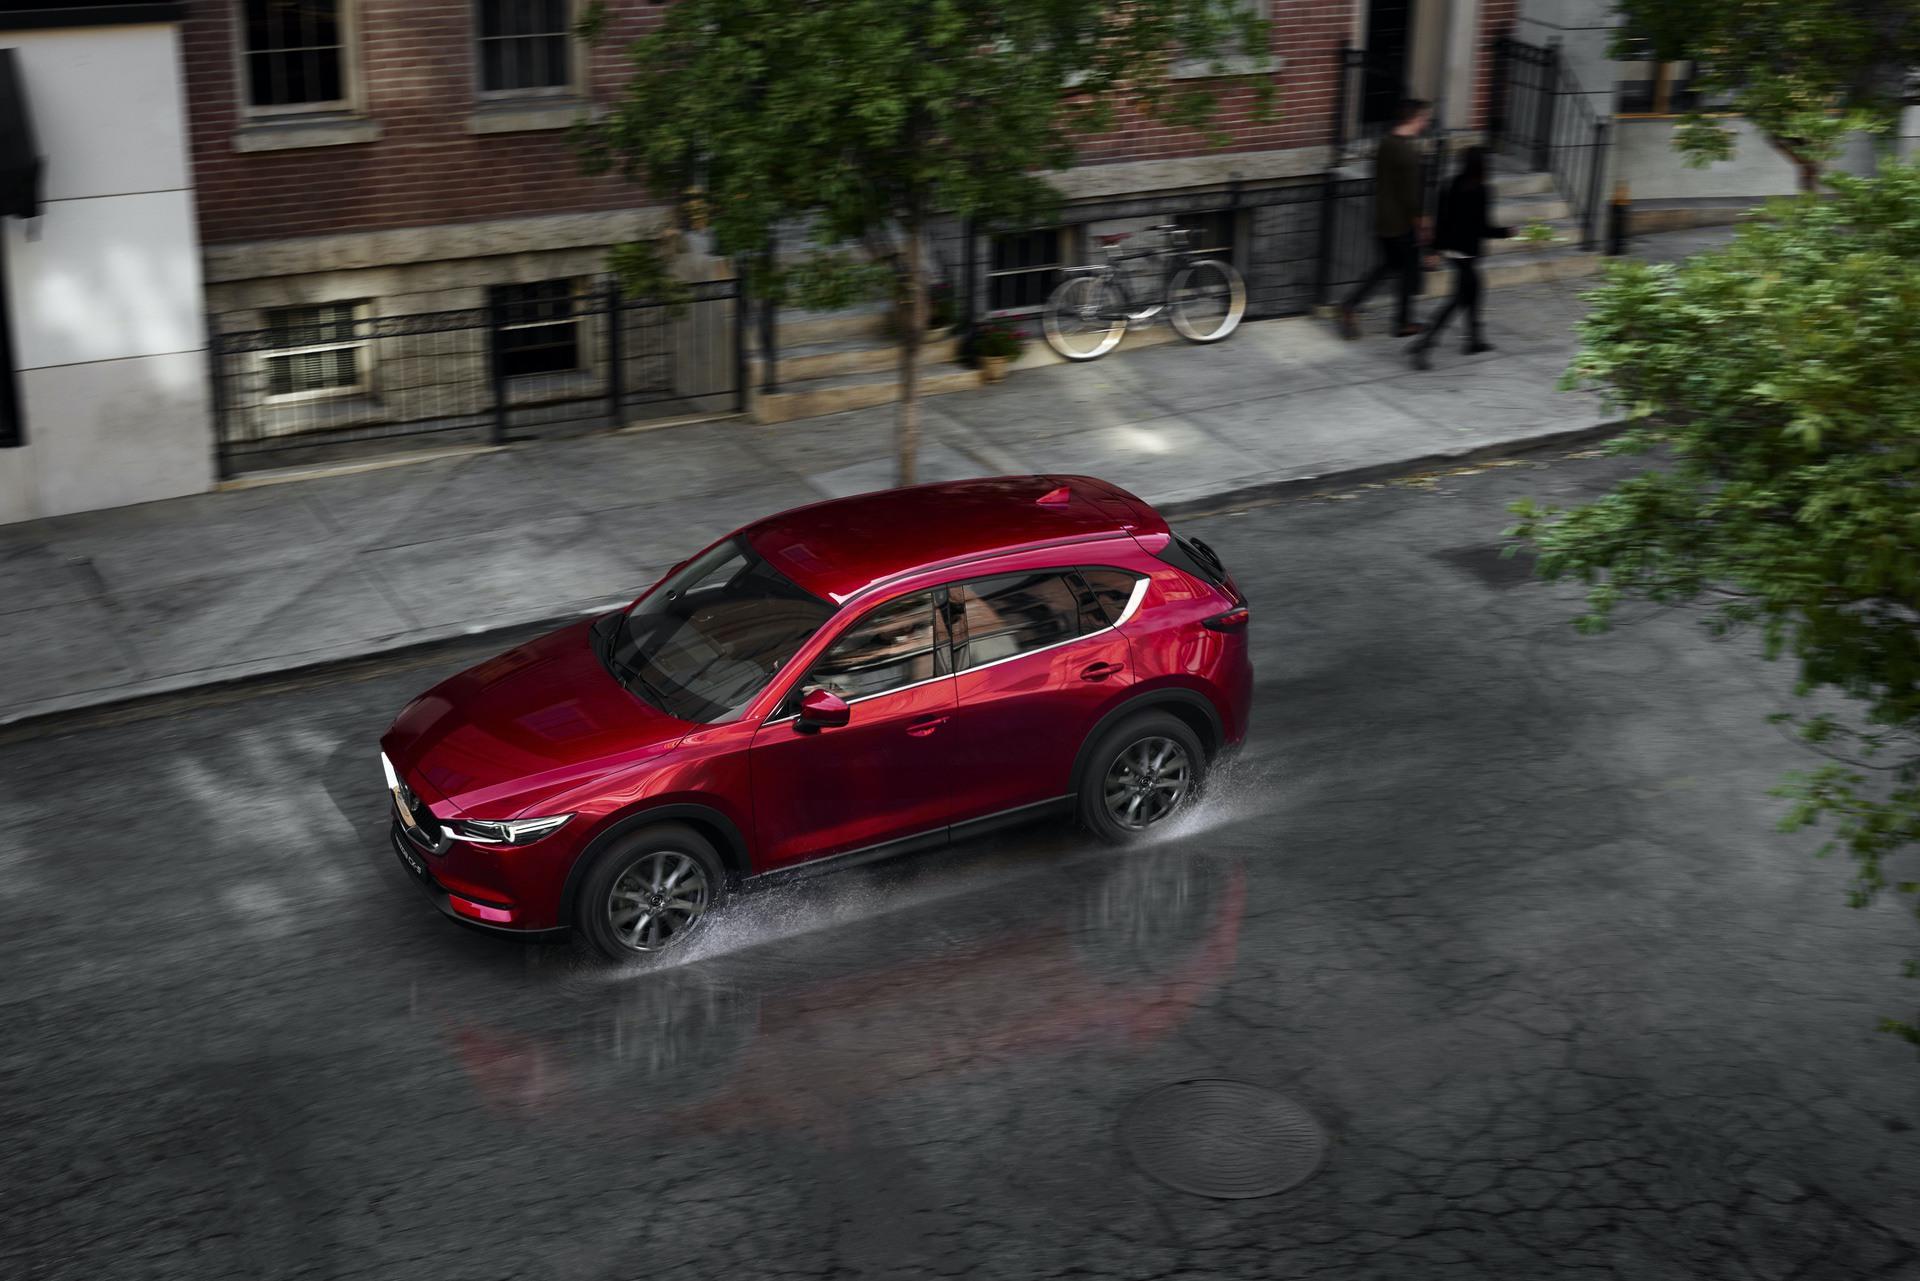 04-2019-Mazda-CX-5-EU-specification